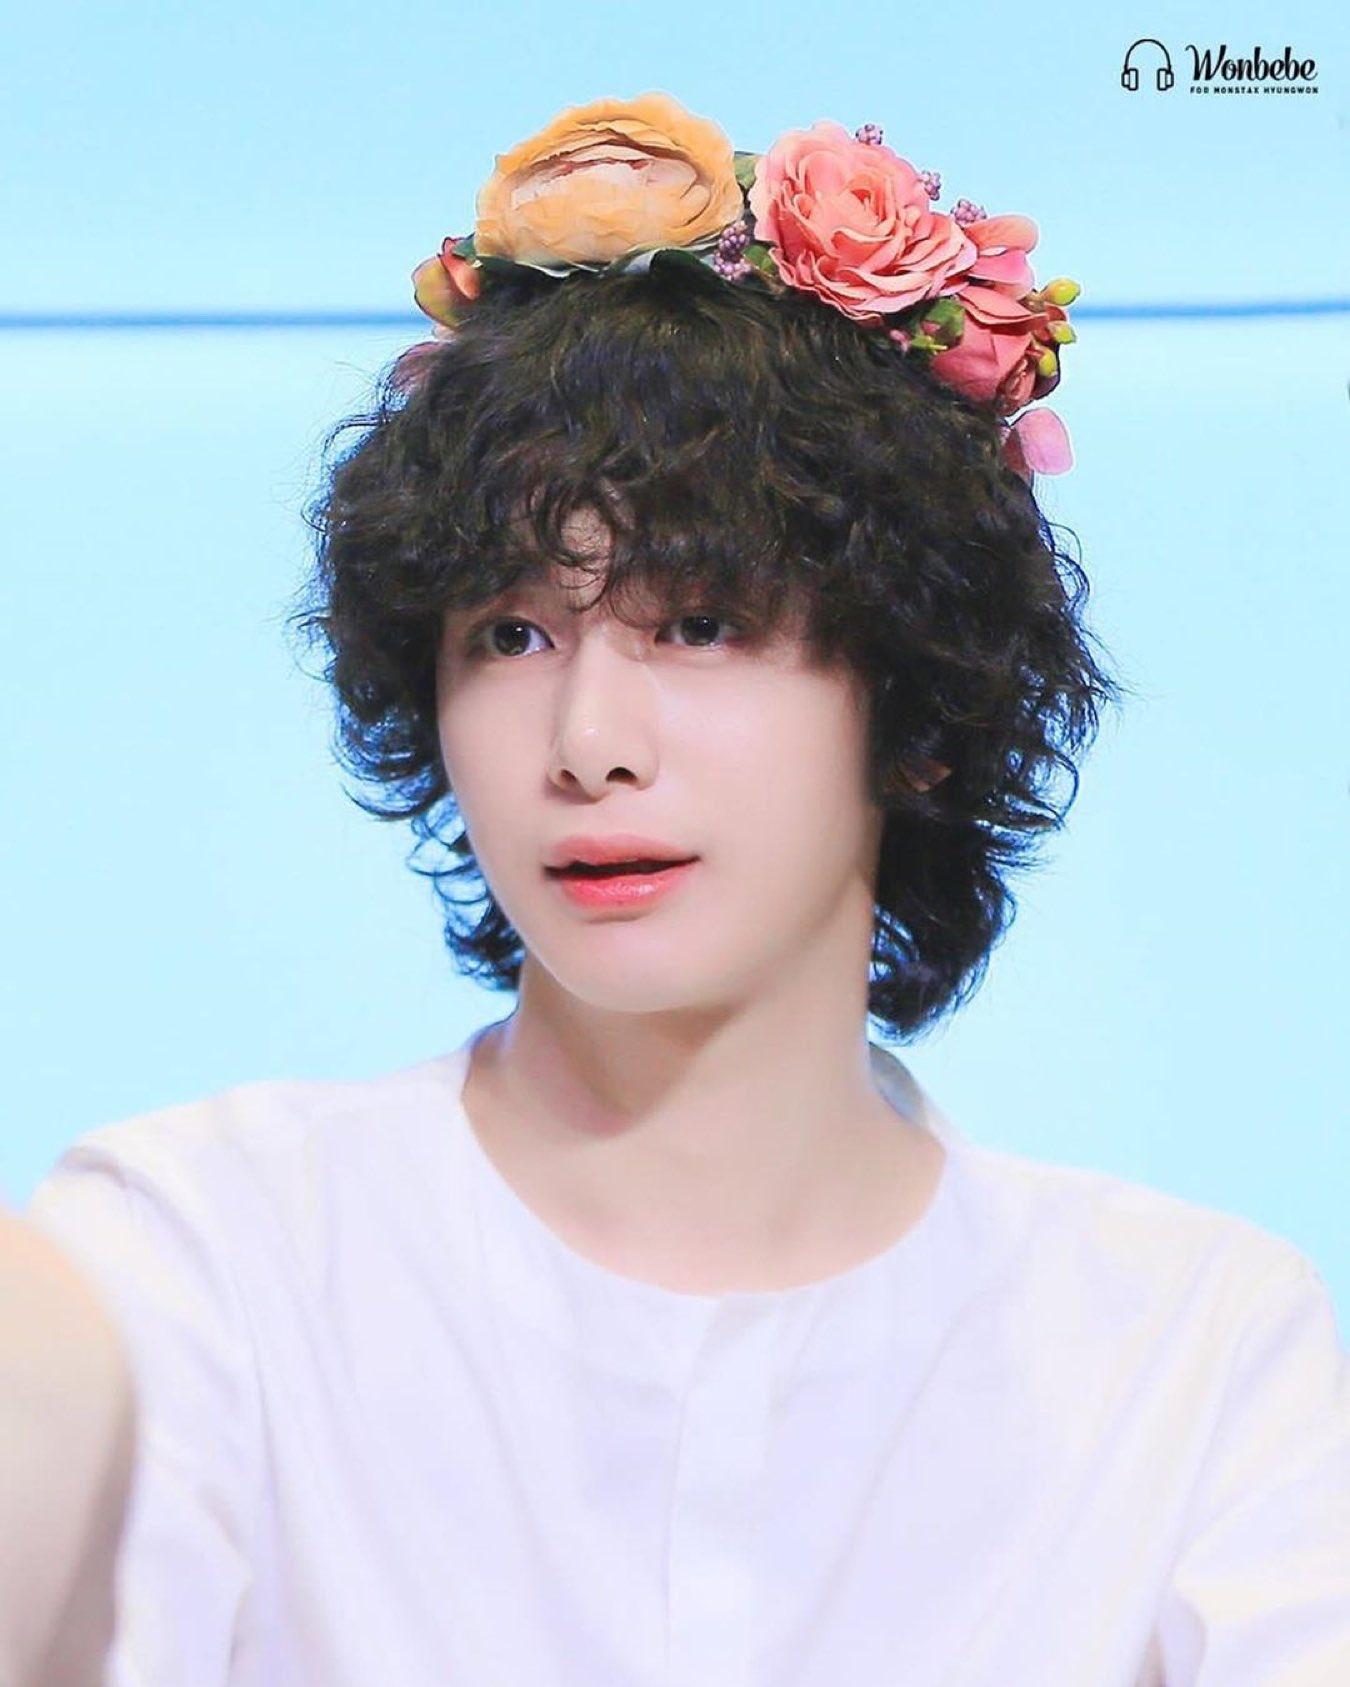 hyungwon hair, hyungwon monsta x, hyungwon